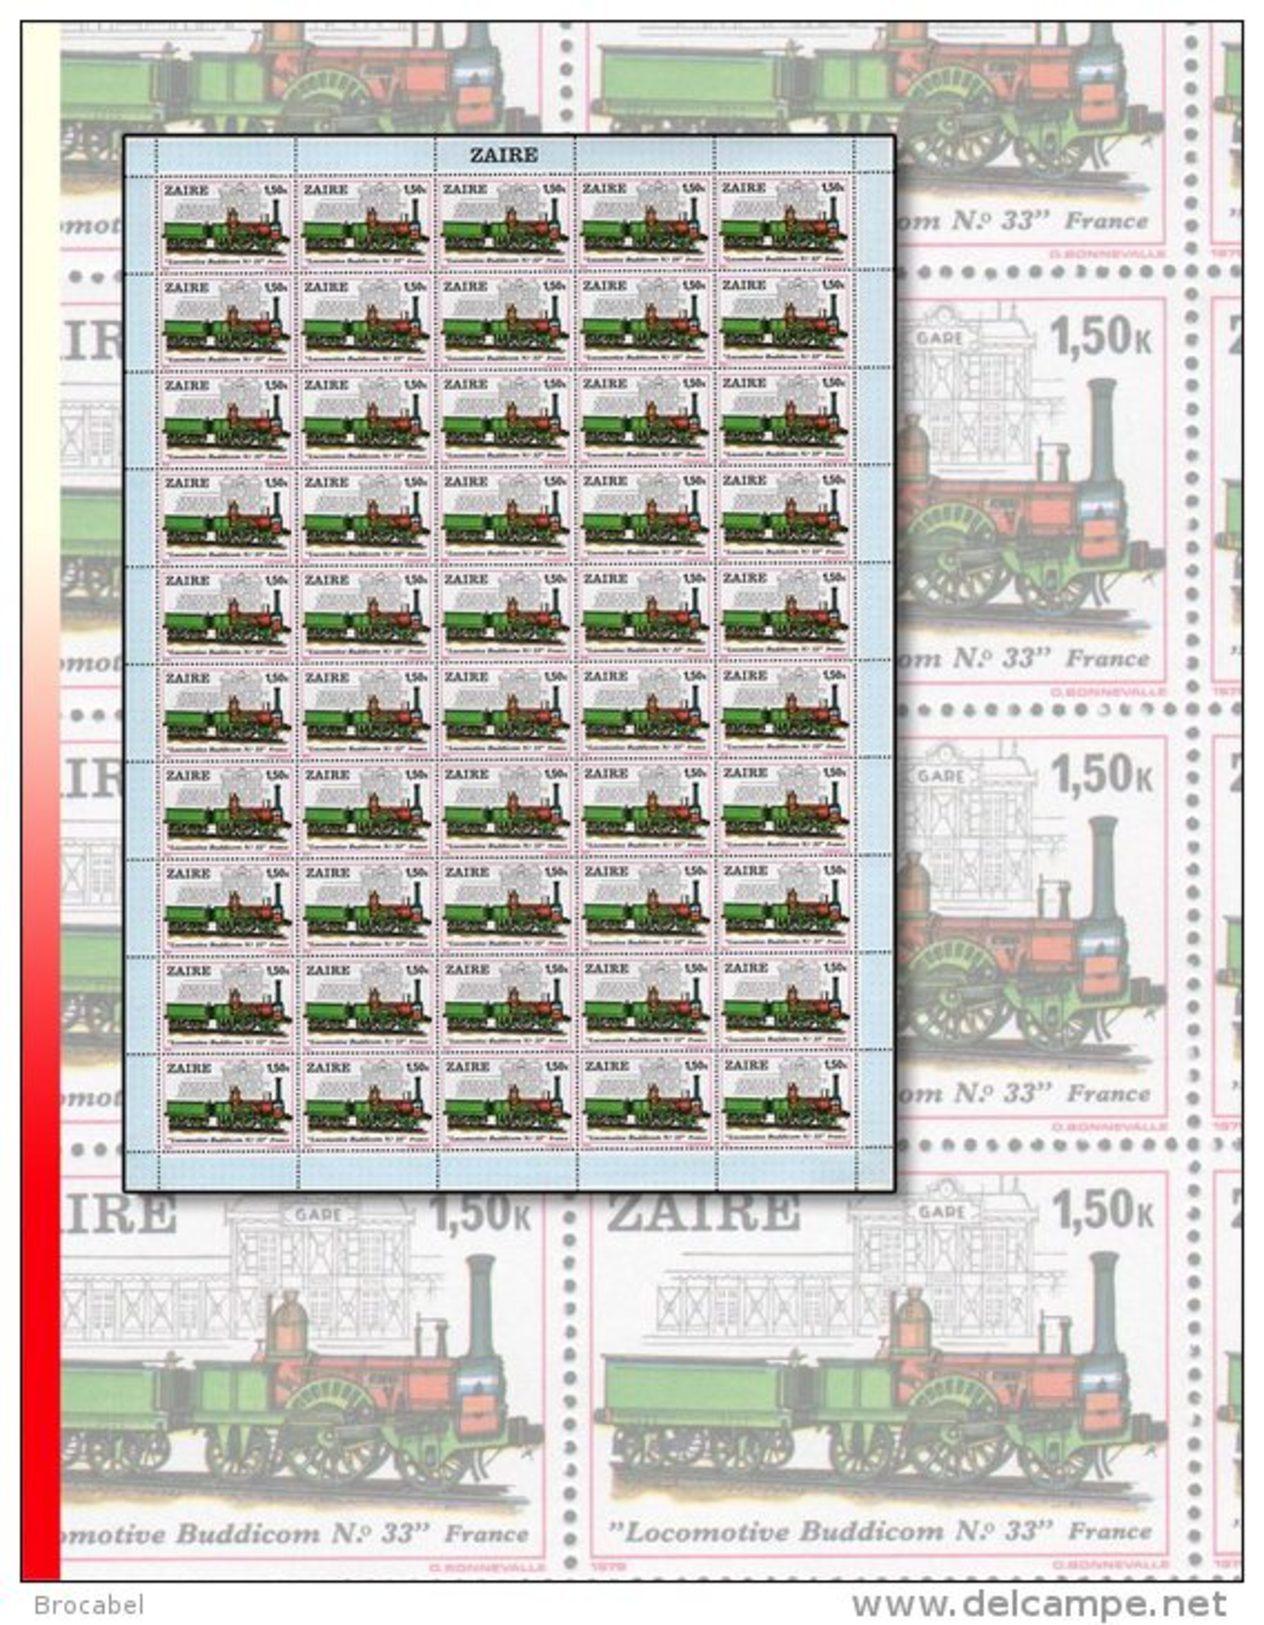 """Zaire 0993** 1,50K  Locomotive """"Buddicom 33"""" - Feuille / Sheet De 50  MNH - 1980-89: Neufs"""